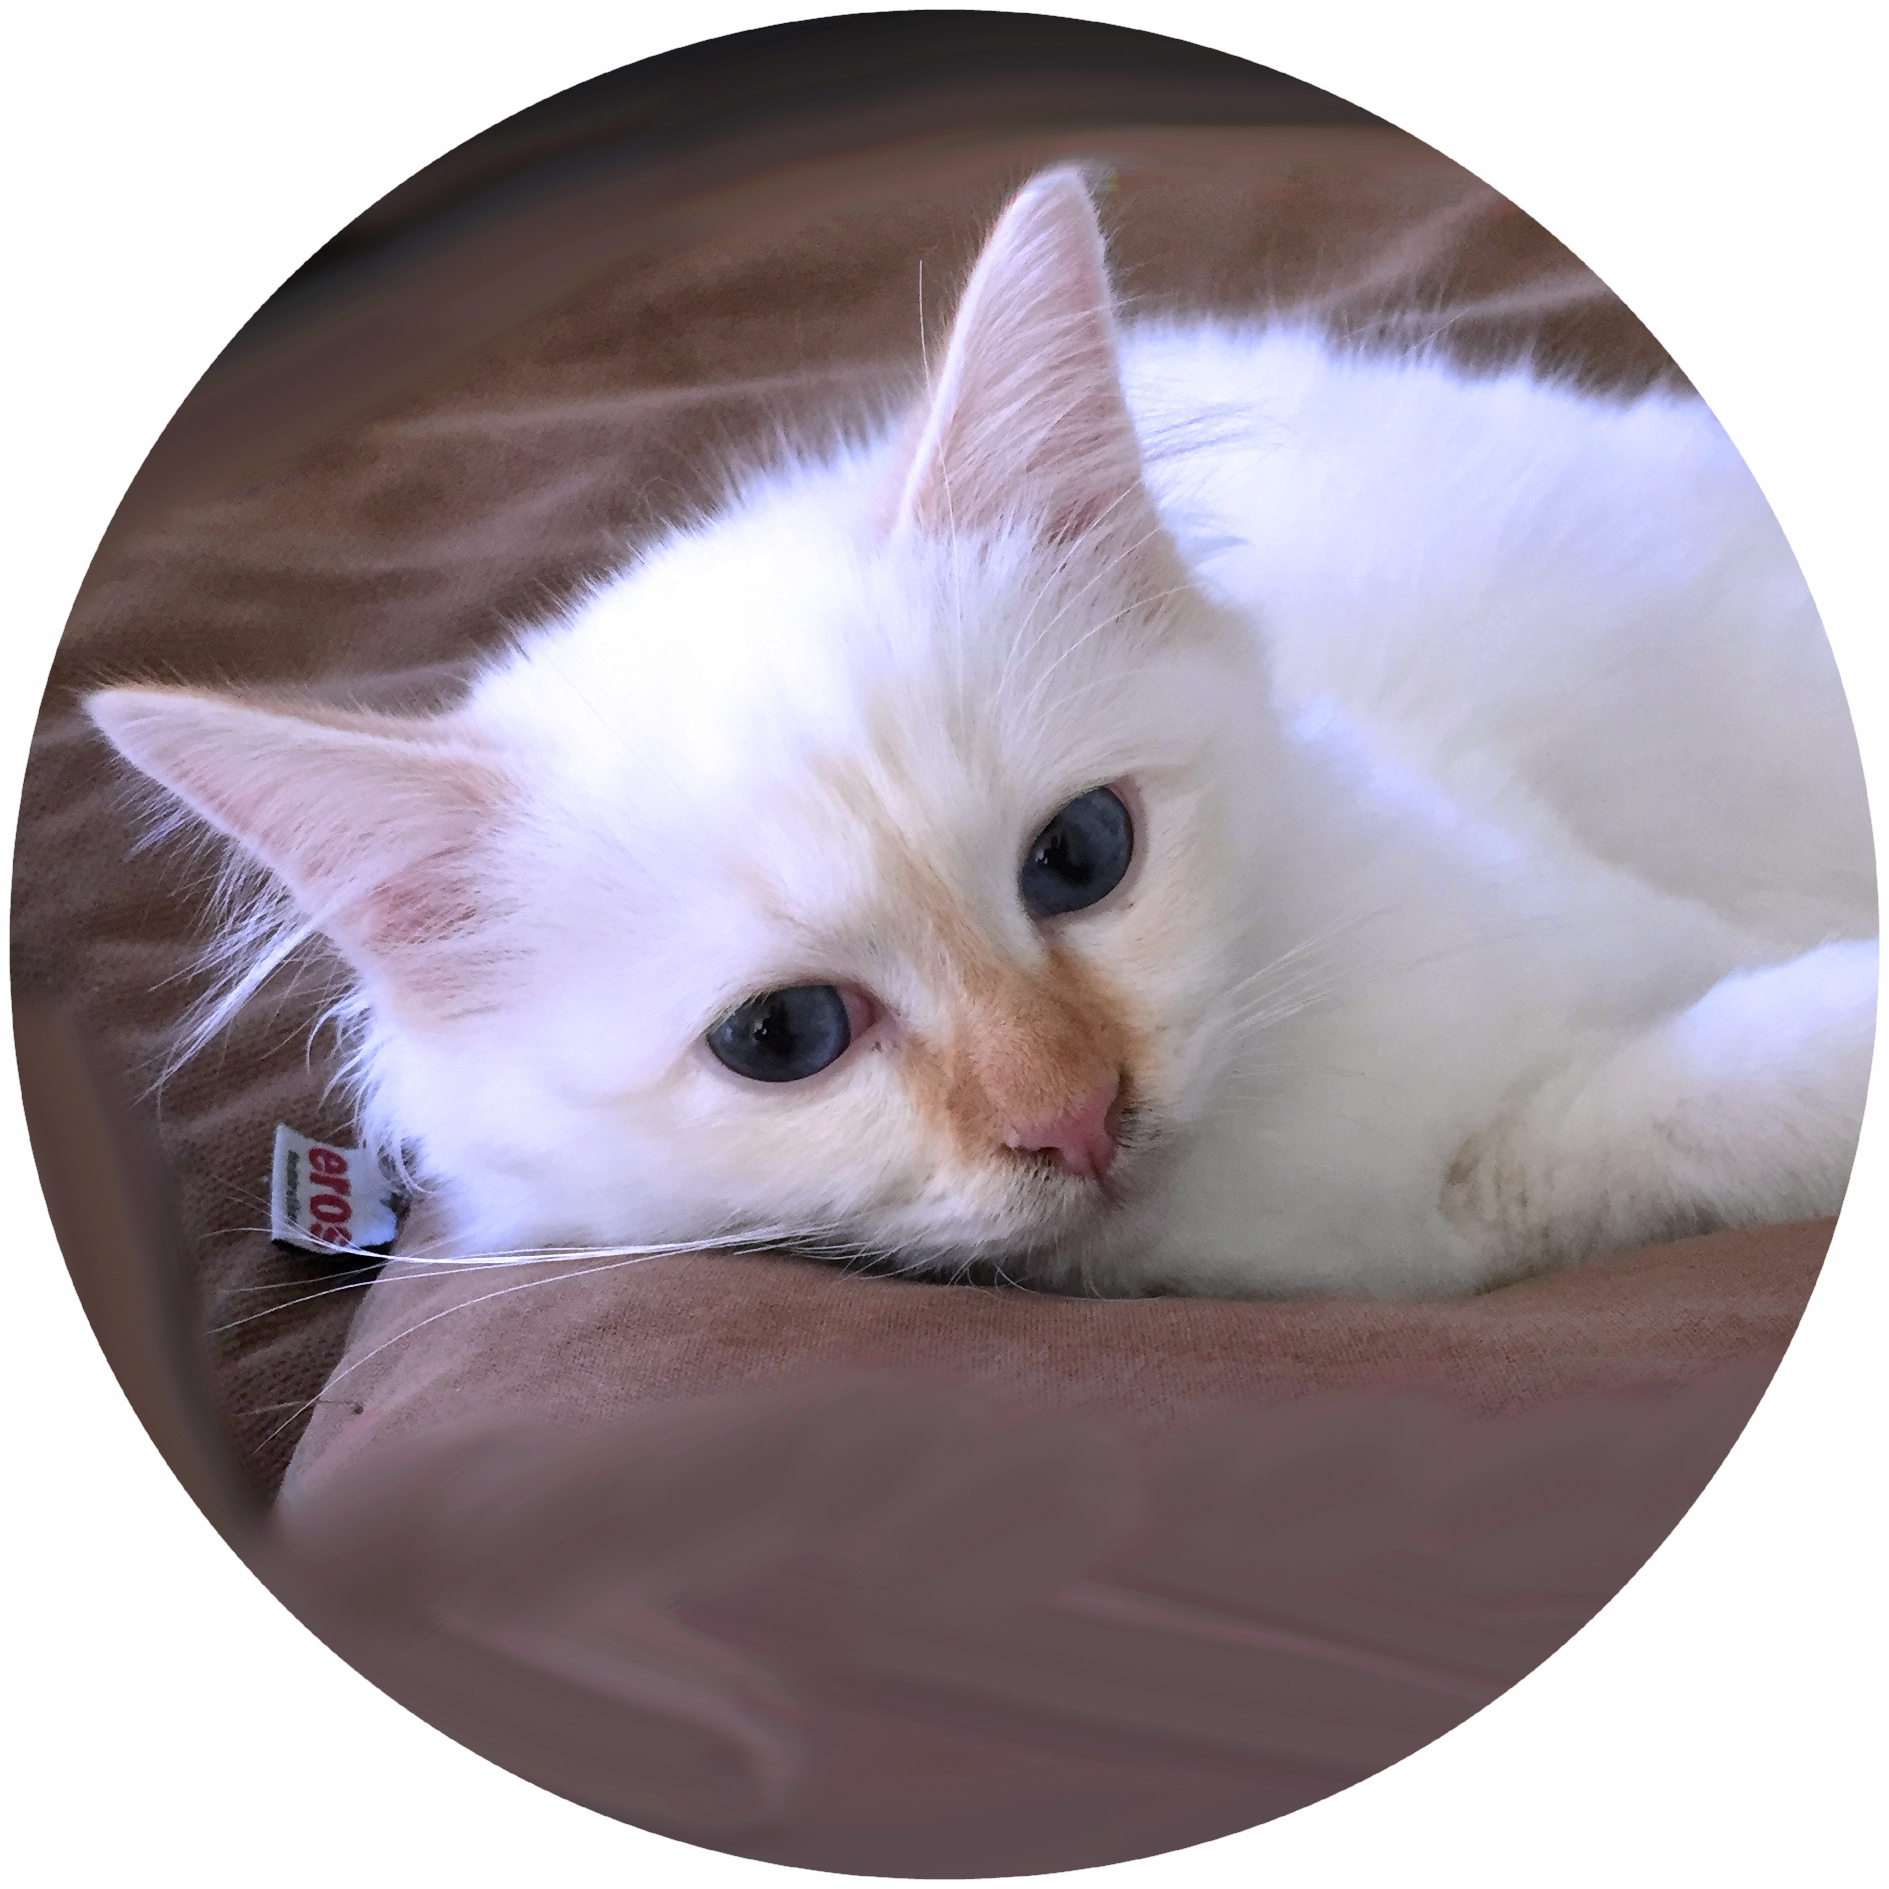 wann werden katzen das erste mal rollig